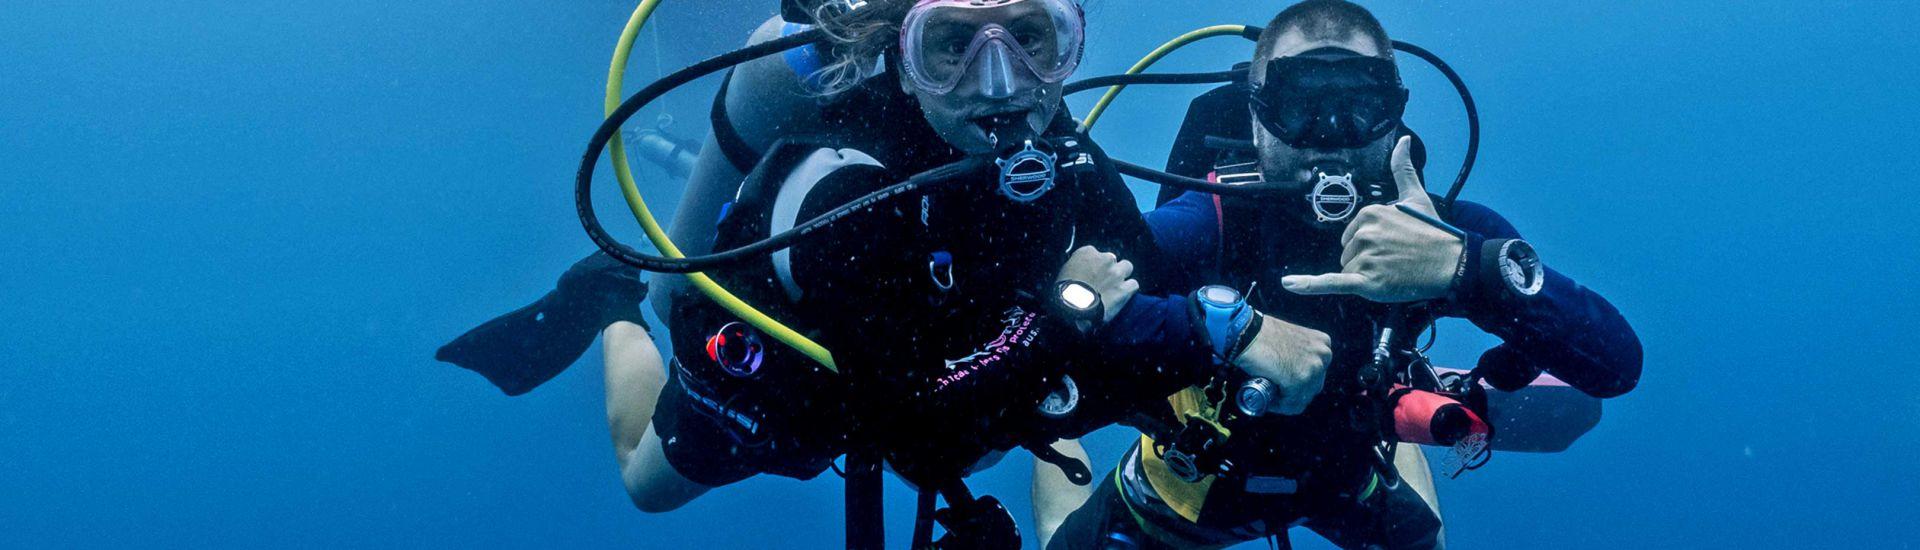 Curs de Busseig Open Water Diver